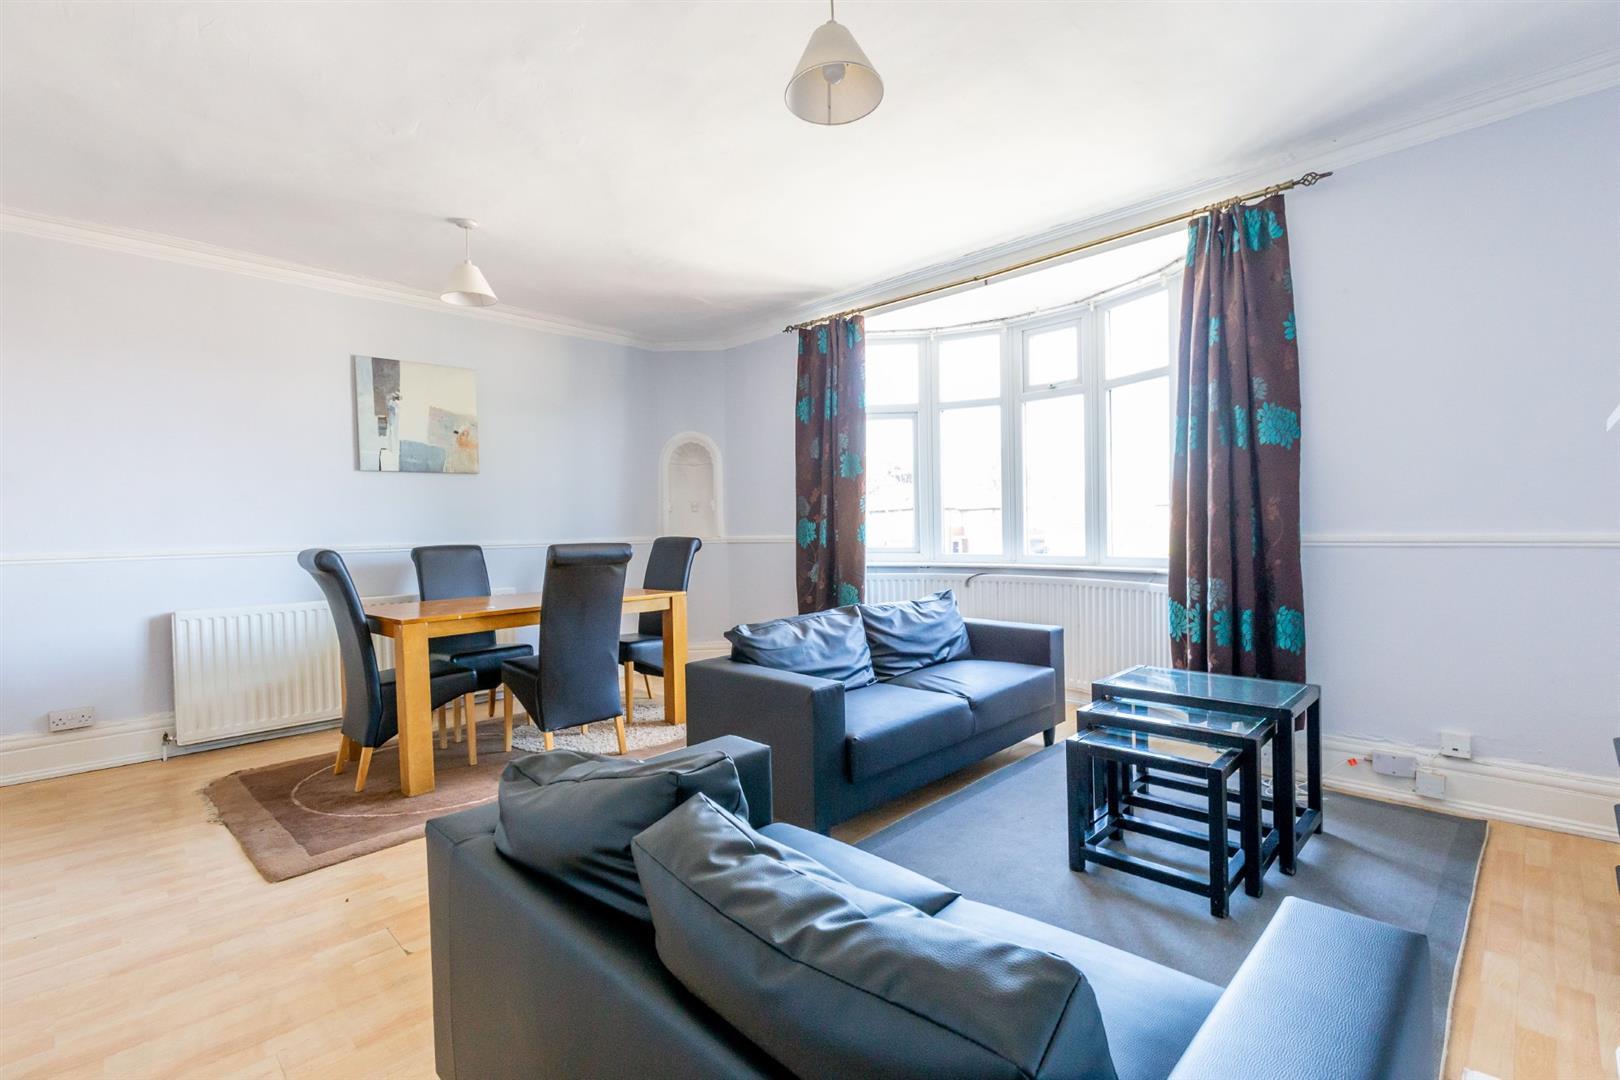 2 bed maisonette to rent in Newcastle Upon Tyne, NE7 7DT, NE7